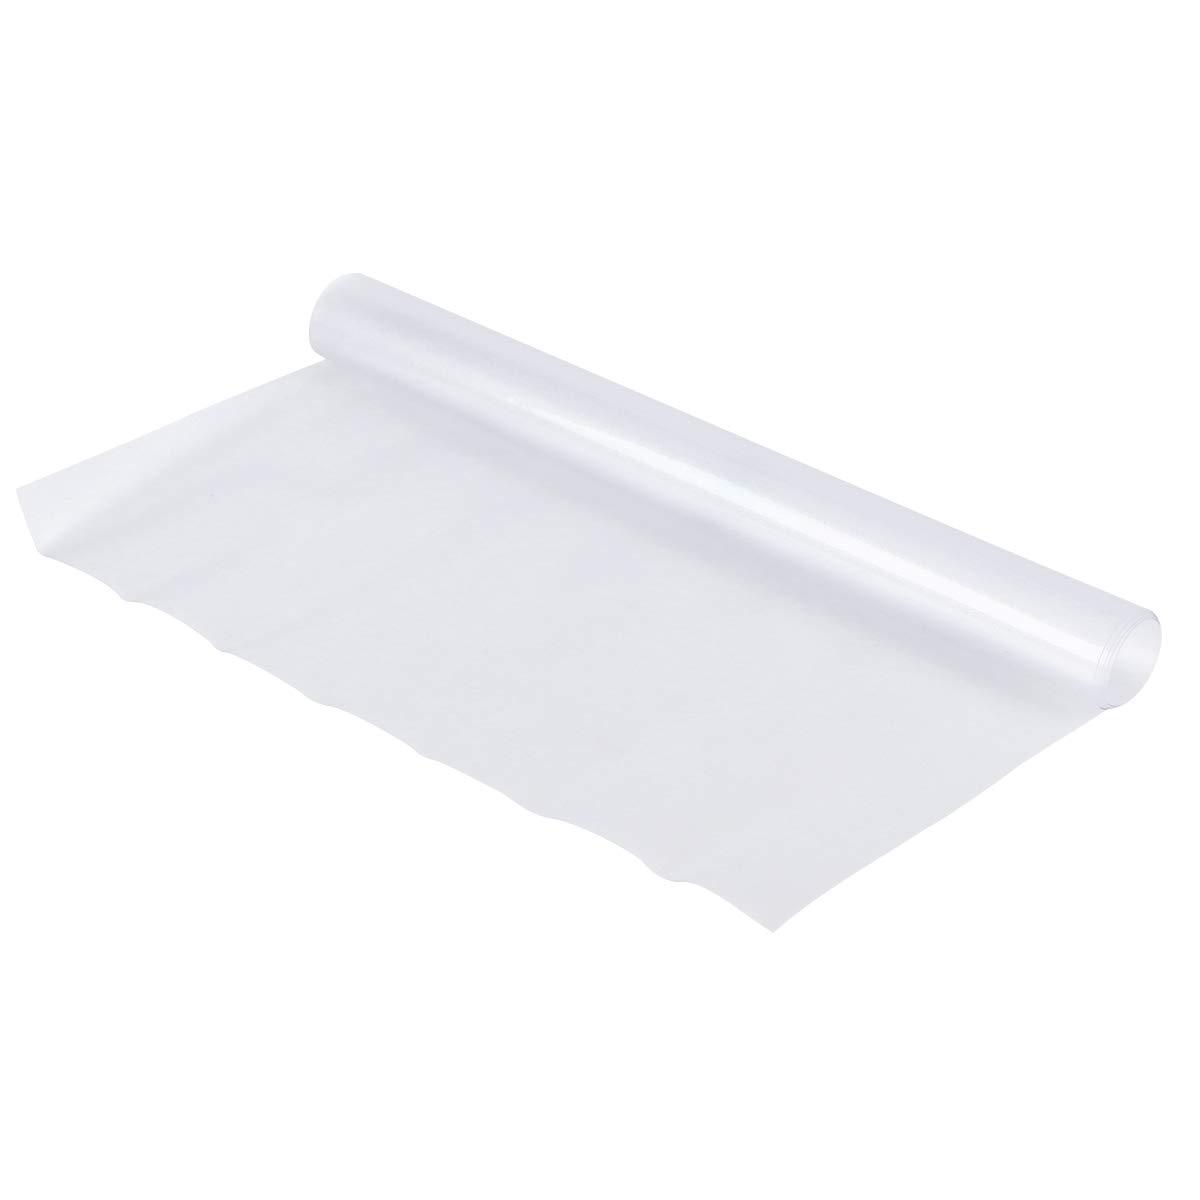 BESTONZON 1 Pc napperon Anti-dérapant Lavable Tapis de Table PVC résistant à l'usure résistant à la Chaleur napperons Dirt-Repellent napperons de Table de Cuisine - 60x40x0.1cm (Type givré)